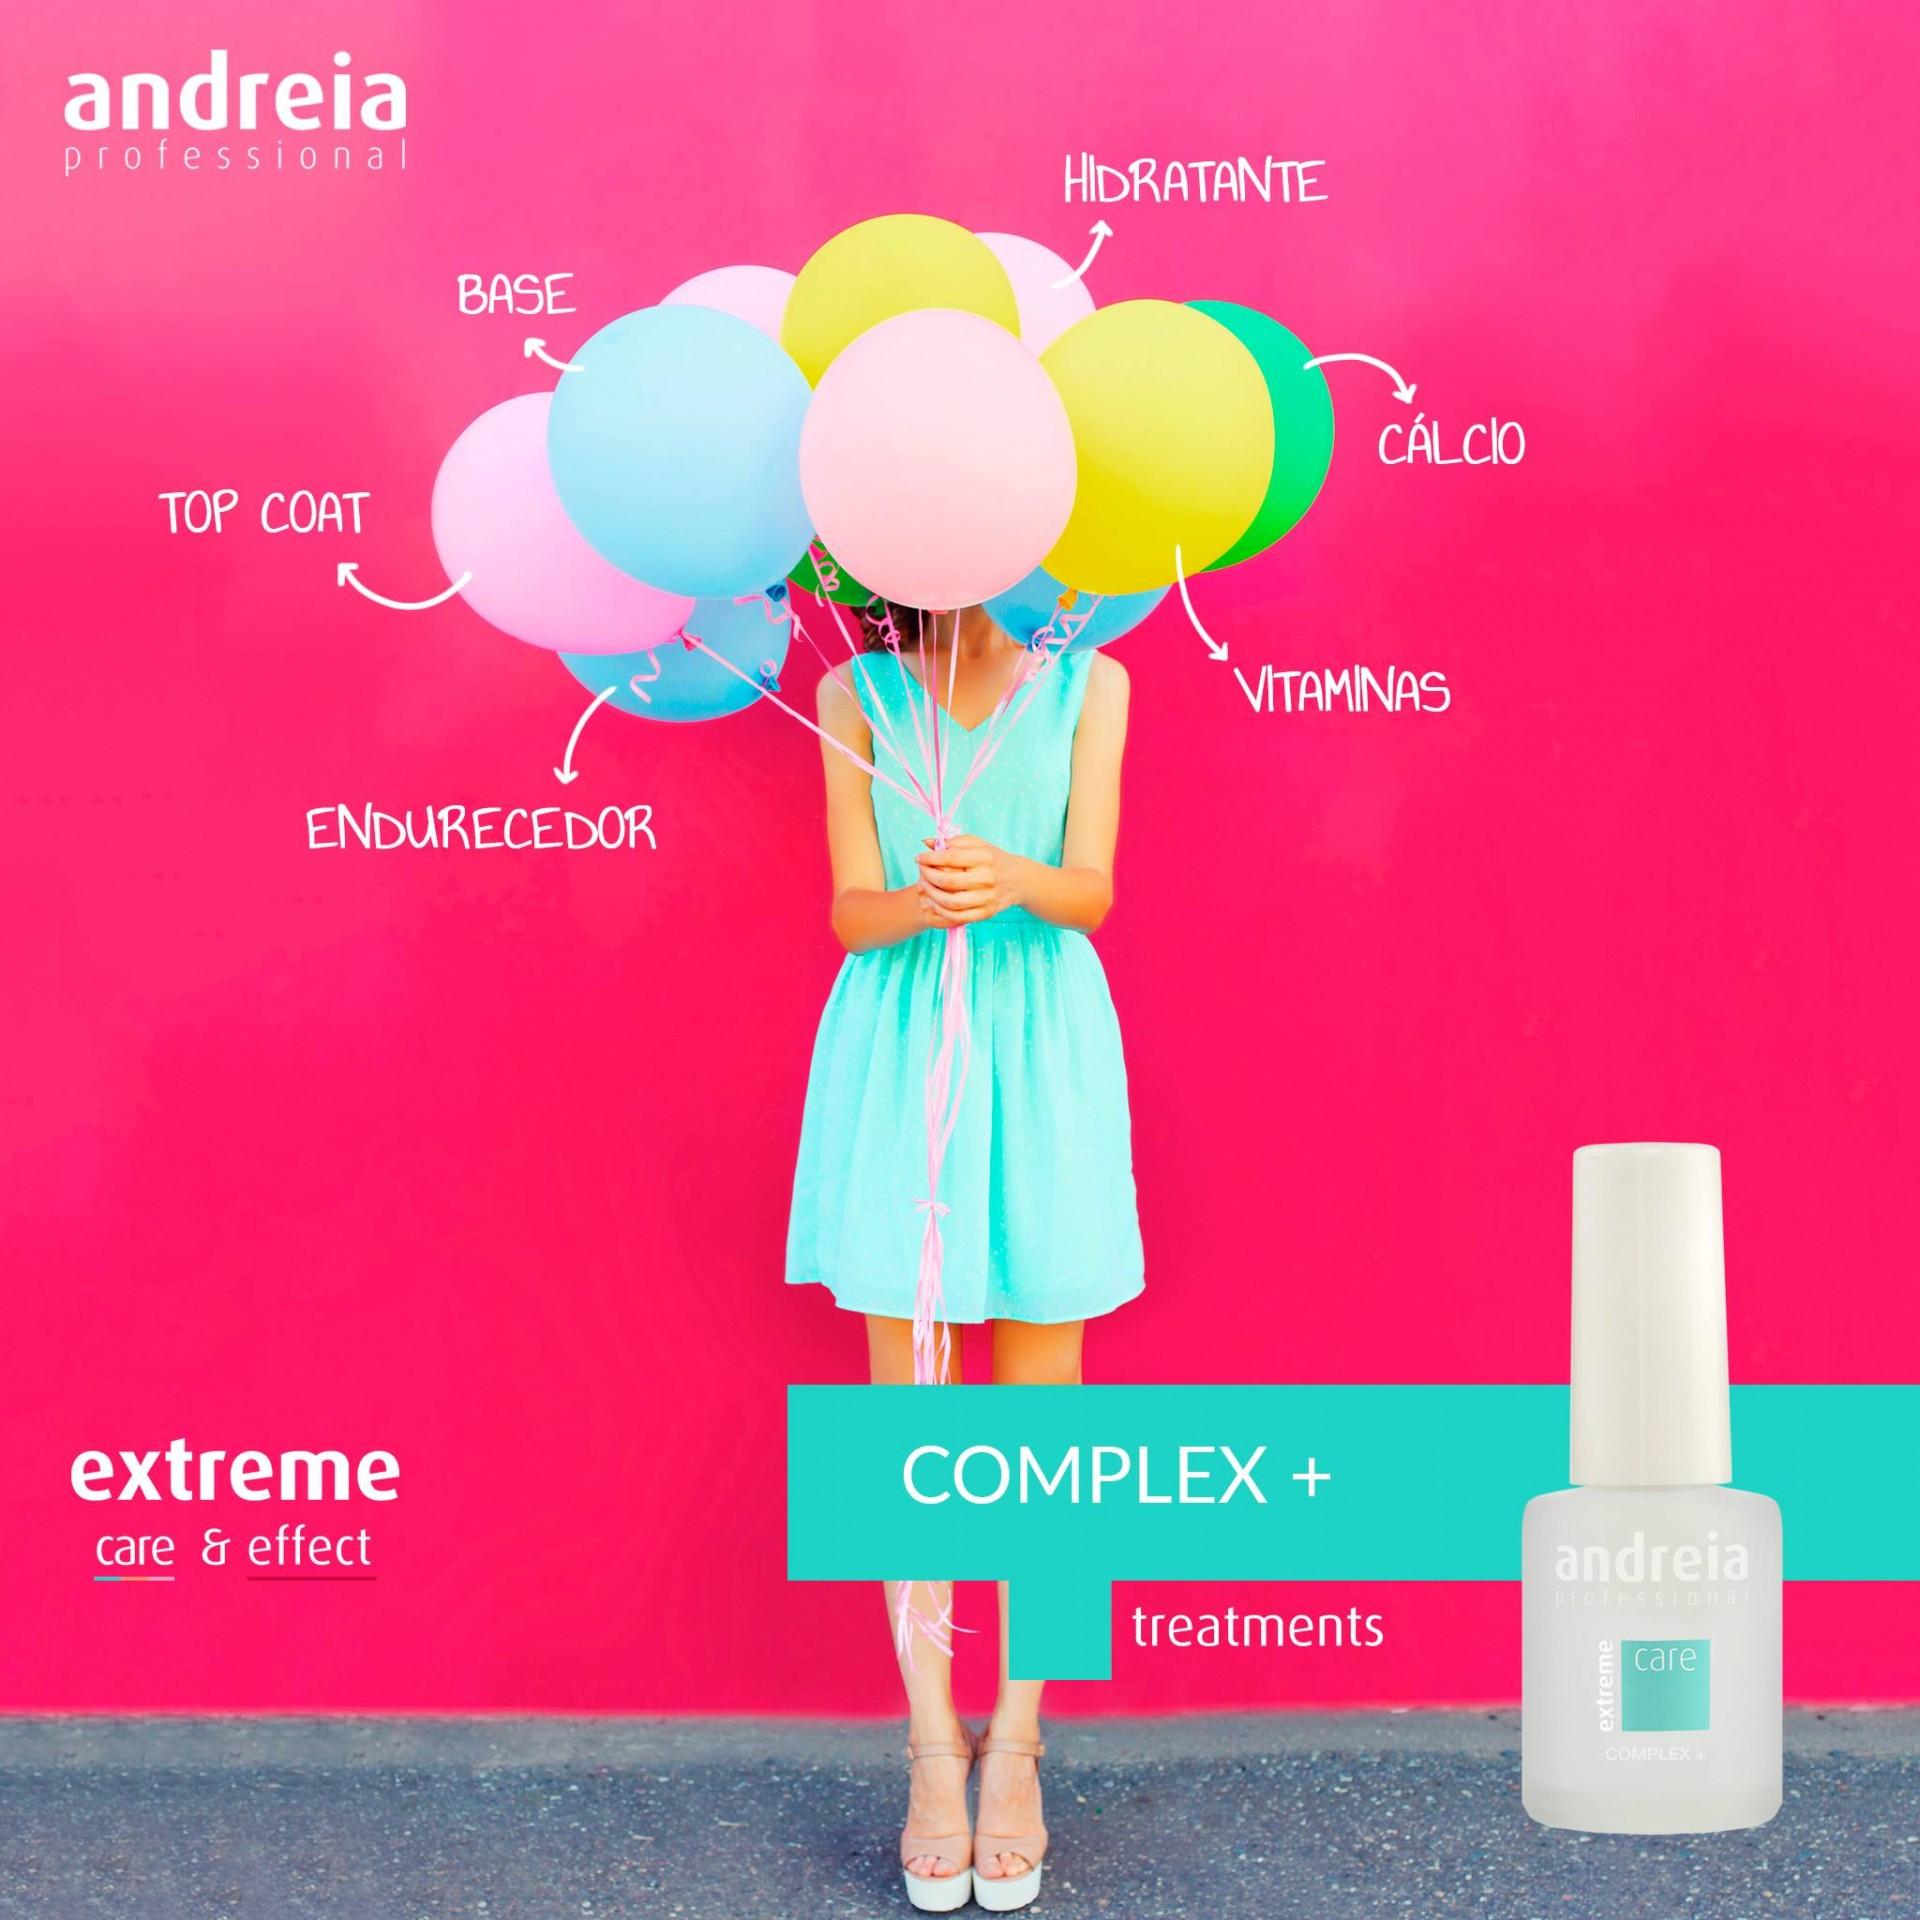 Andreia Extreme Care - Complex + (3 em 1)